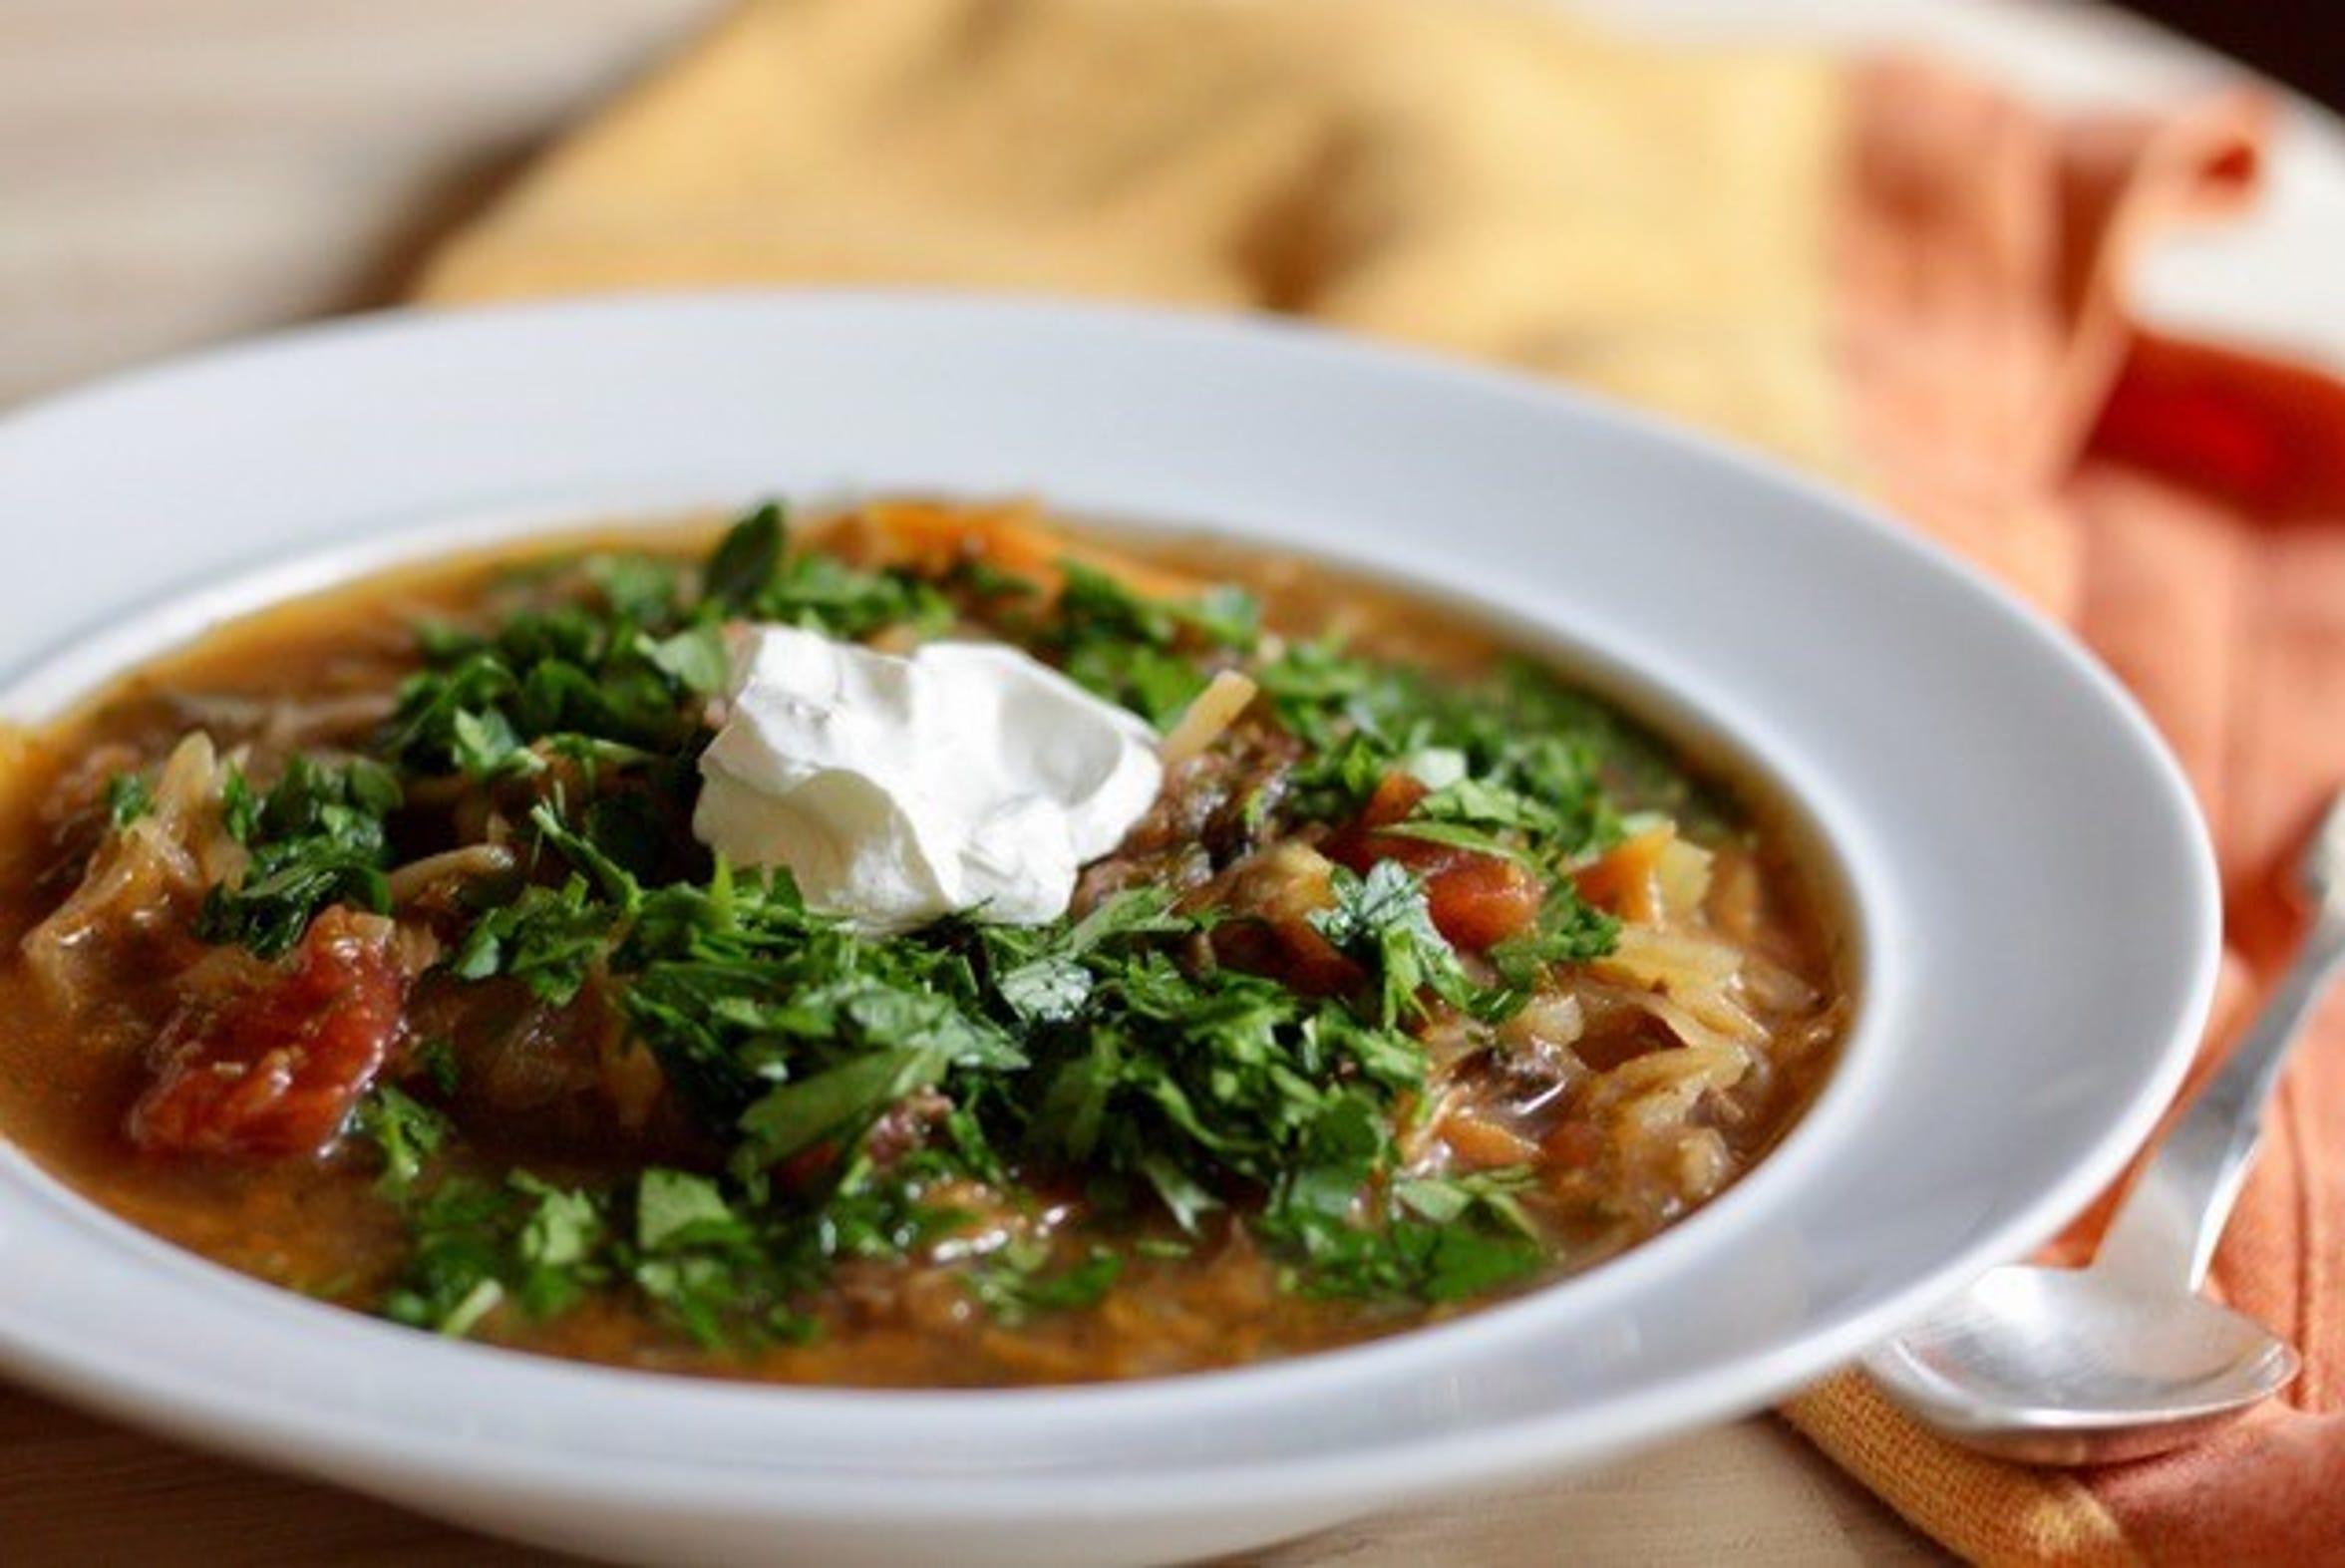 A bowl of sour schchi soup.